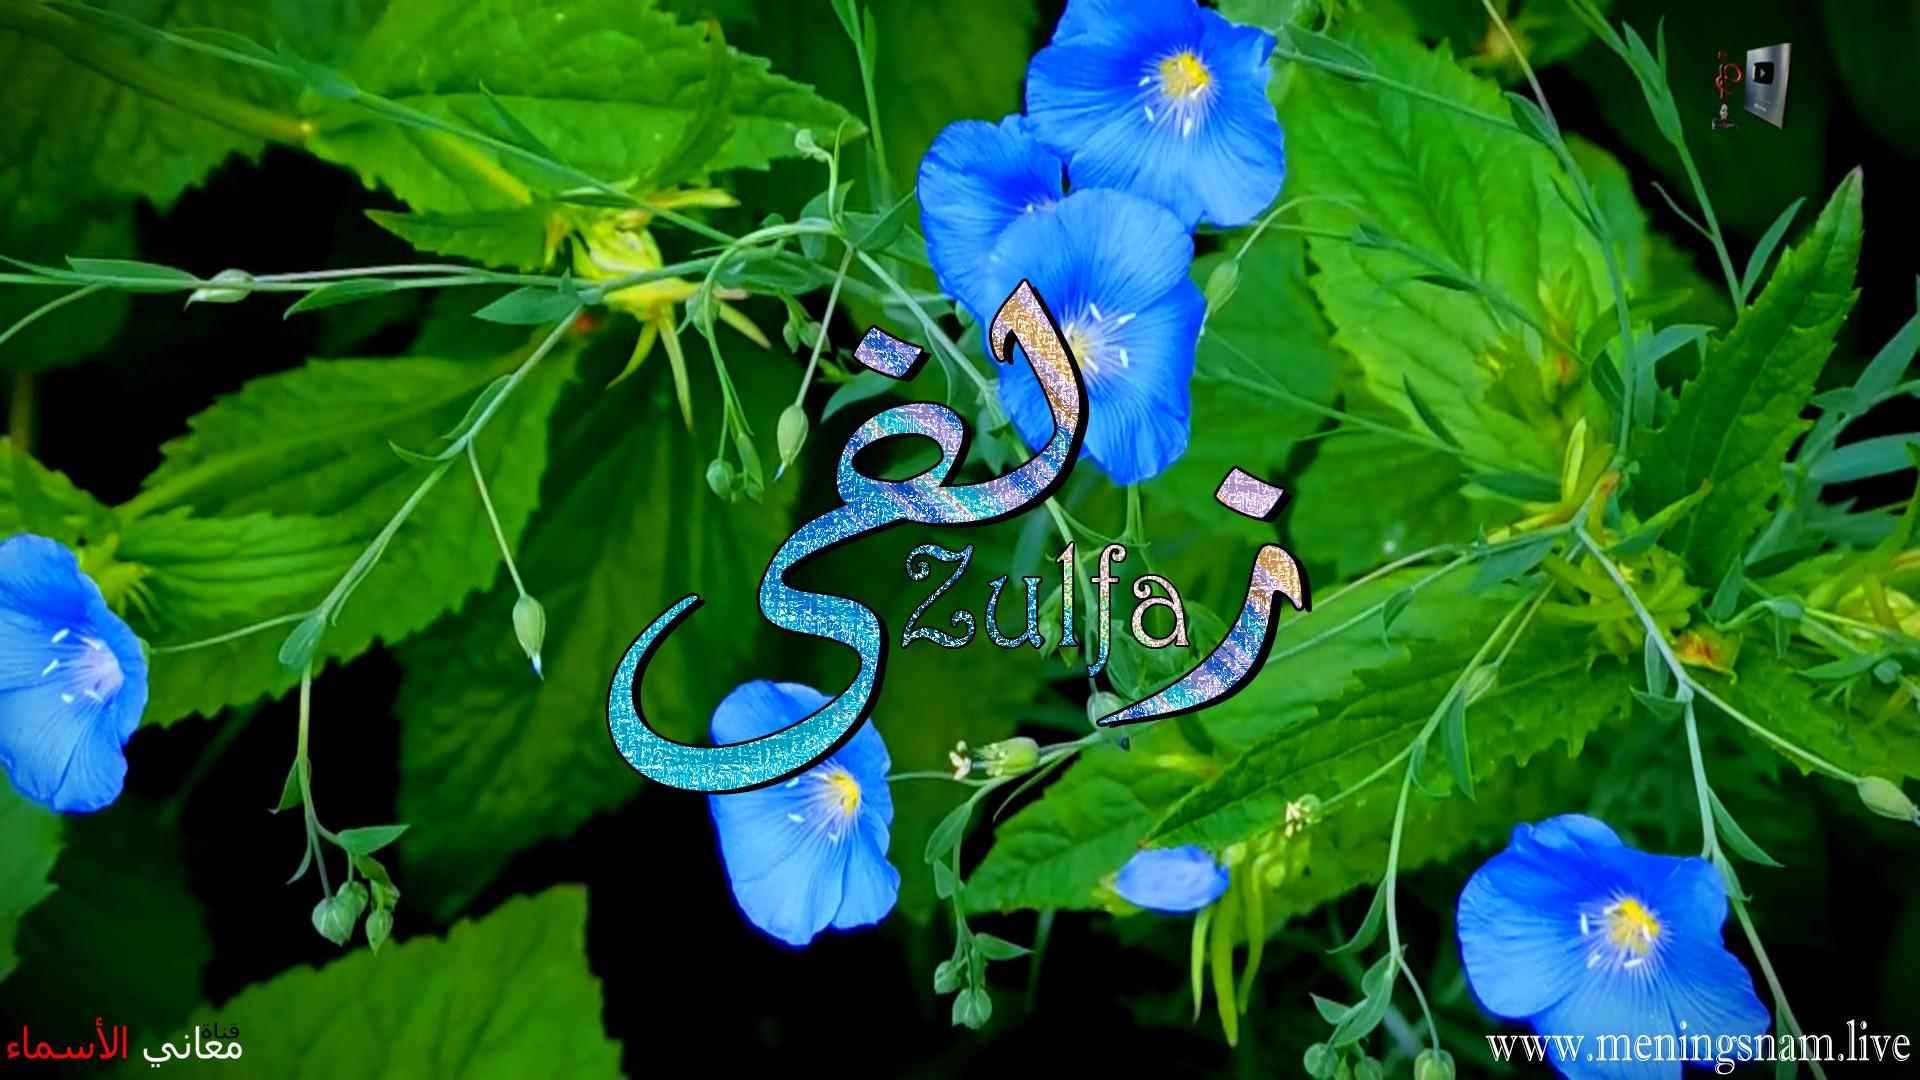 معنى اسم زلفى وصفات حاملة هذا الاسم Zolfa